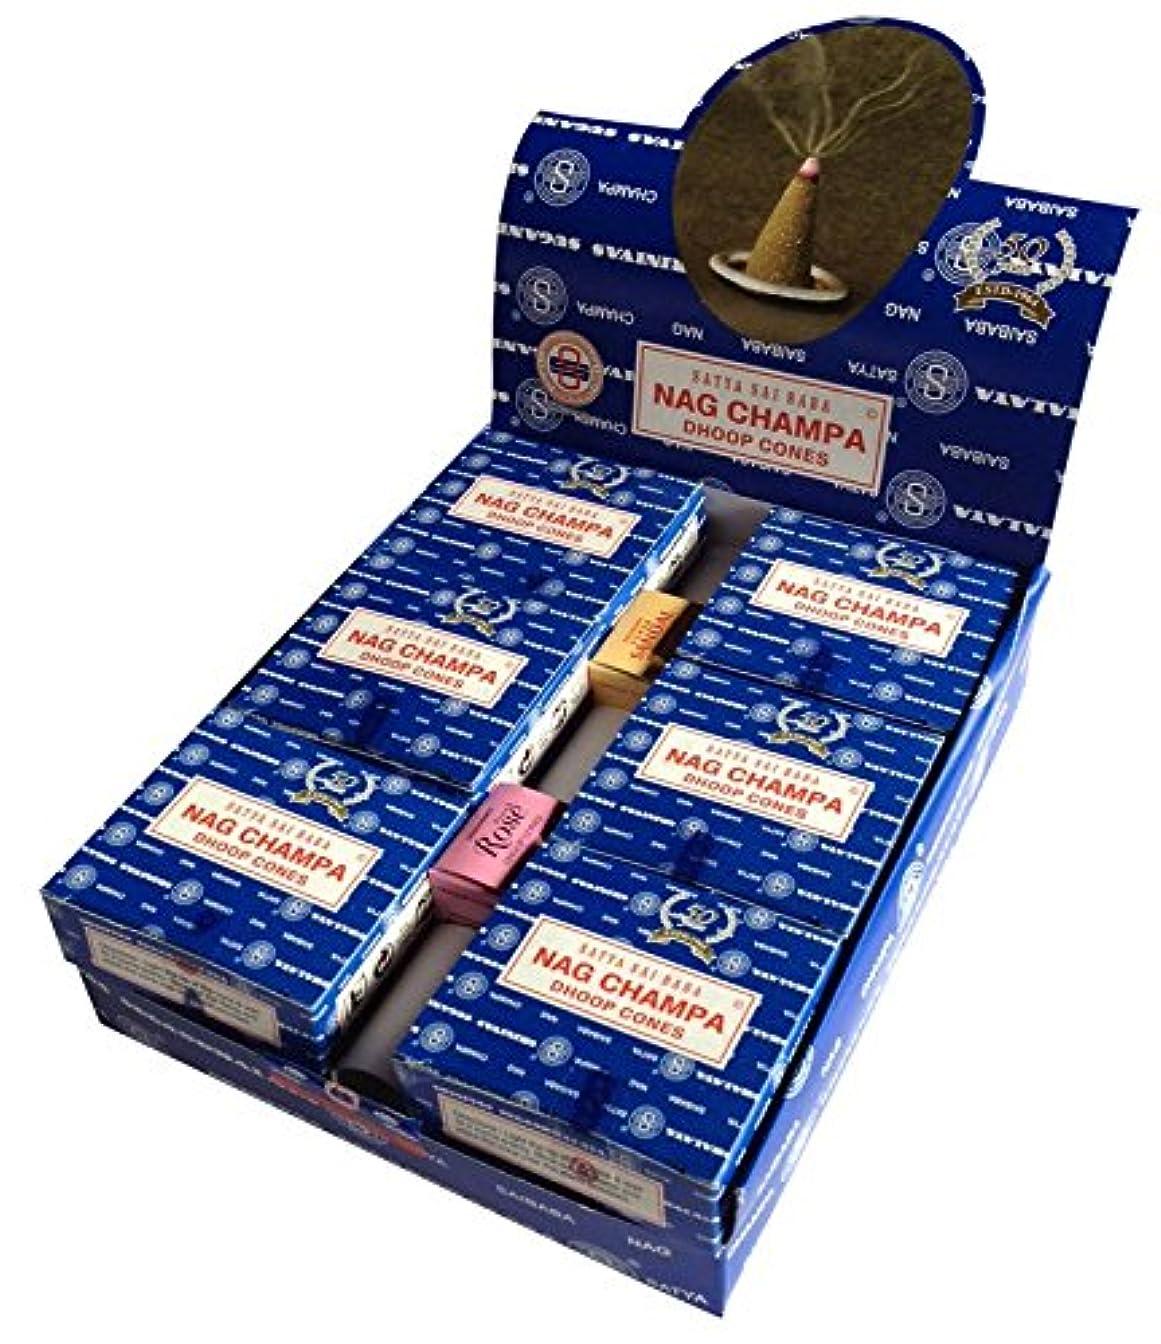 ライラック平均売り手SATYA サイババナグチャンパ コーン 12個セット